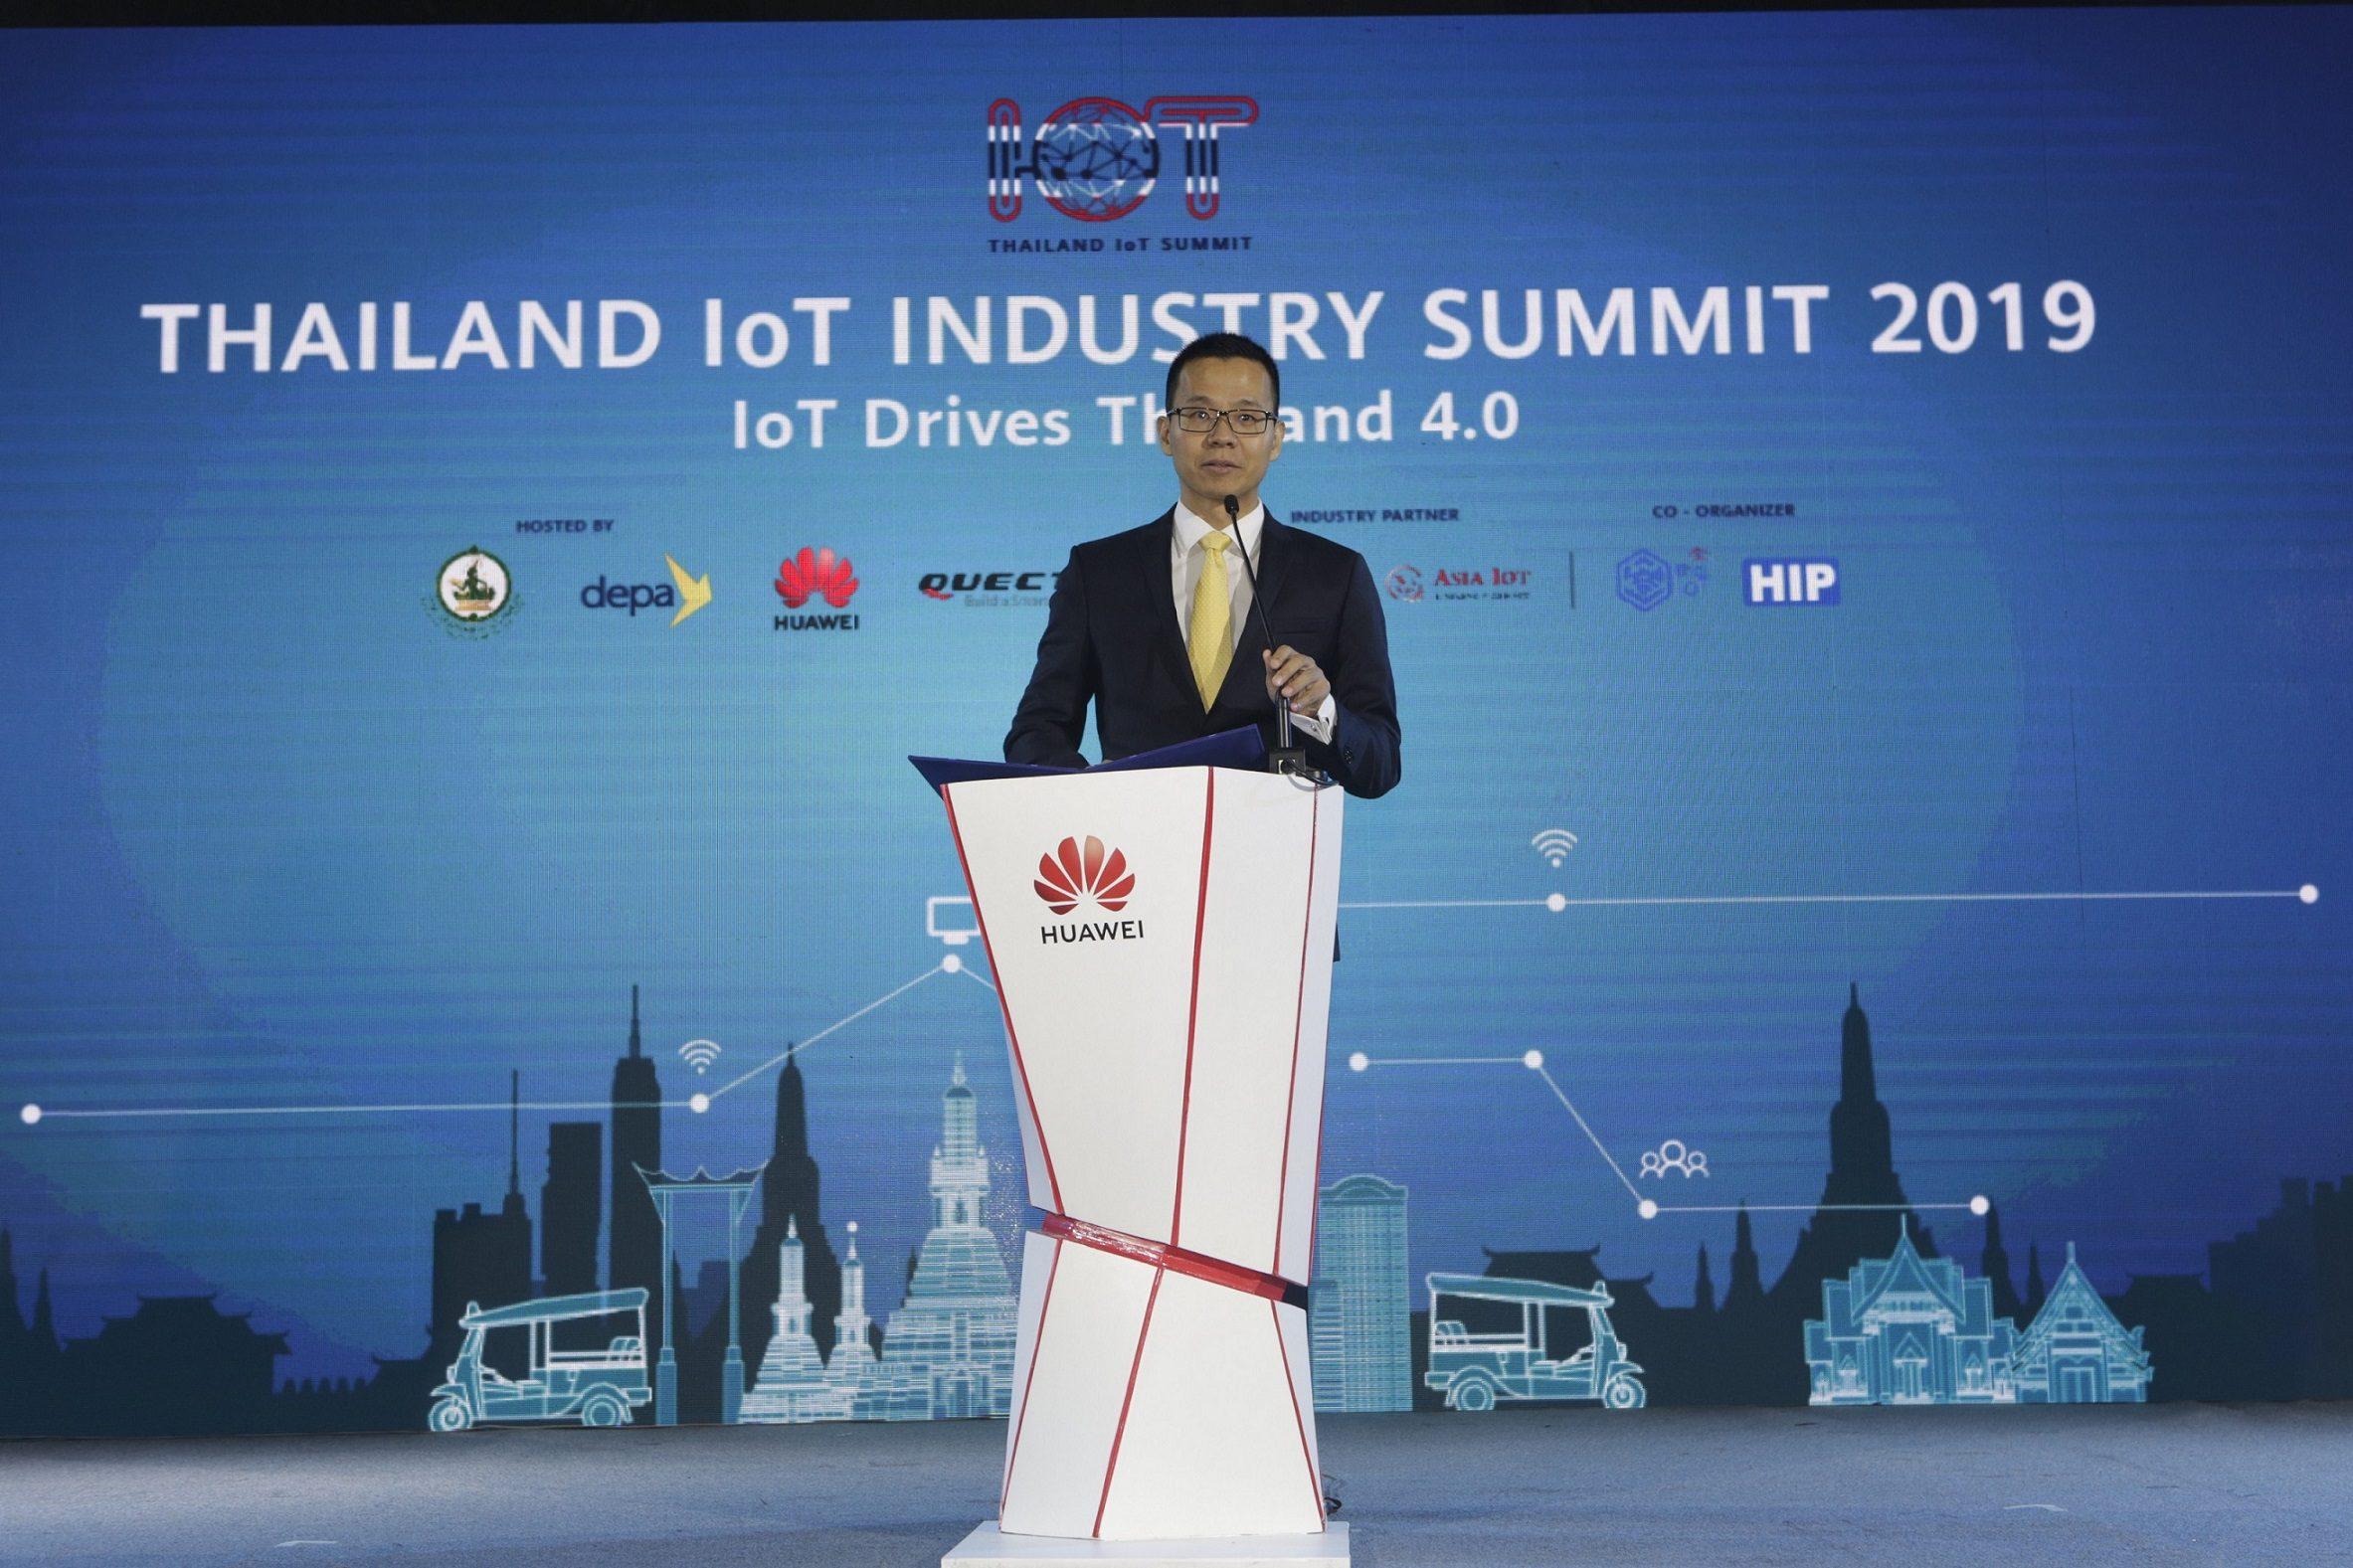 การเผยแพร่รายงานสมุดปกขาวเรื่อง อุตสาหกรรมอินเทอร์เน็ตออฟธิงส์ของประเทศไทย